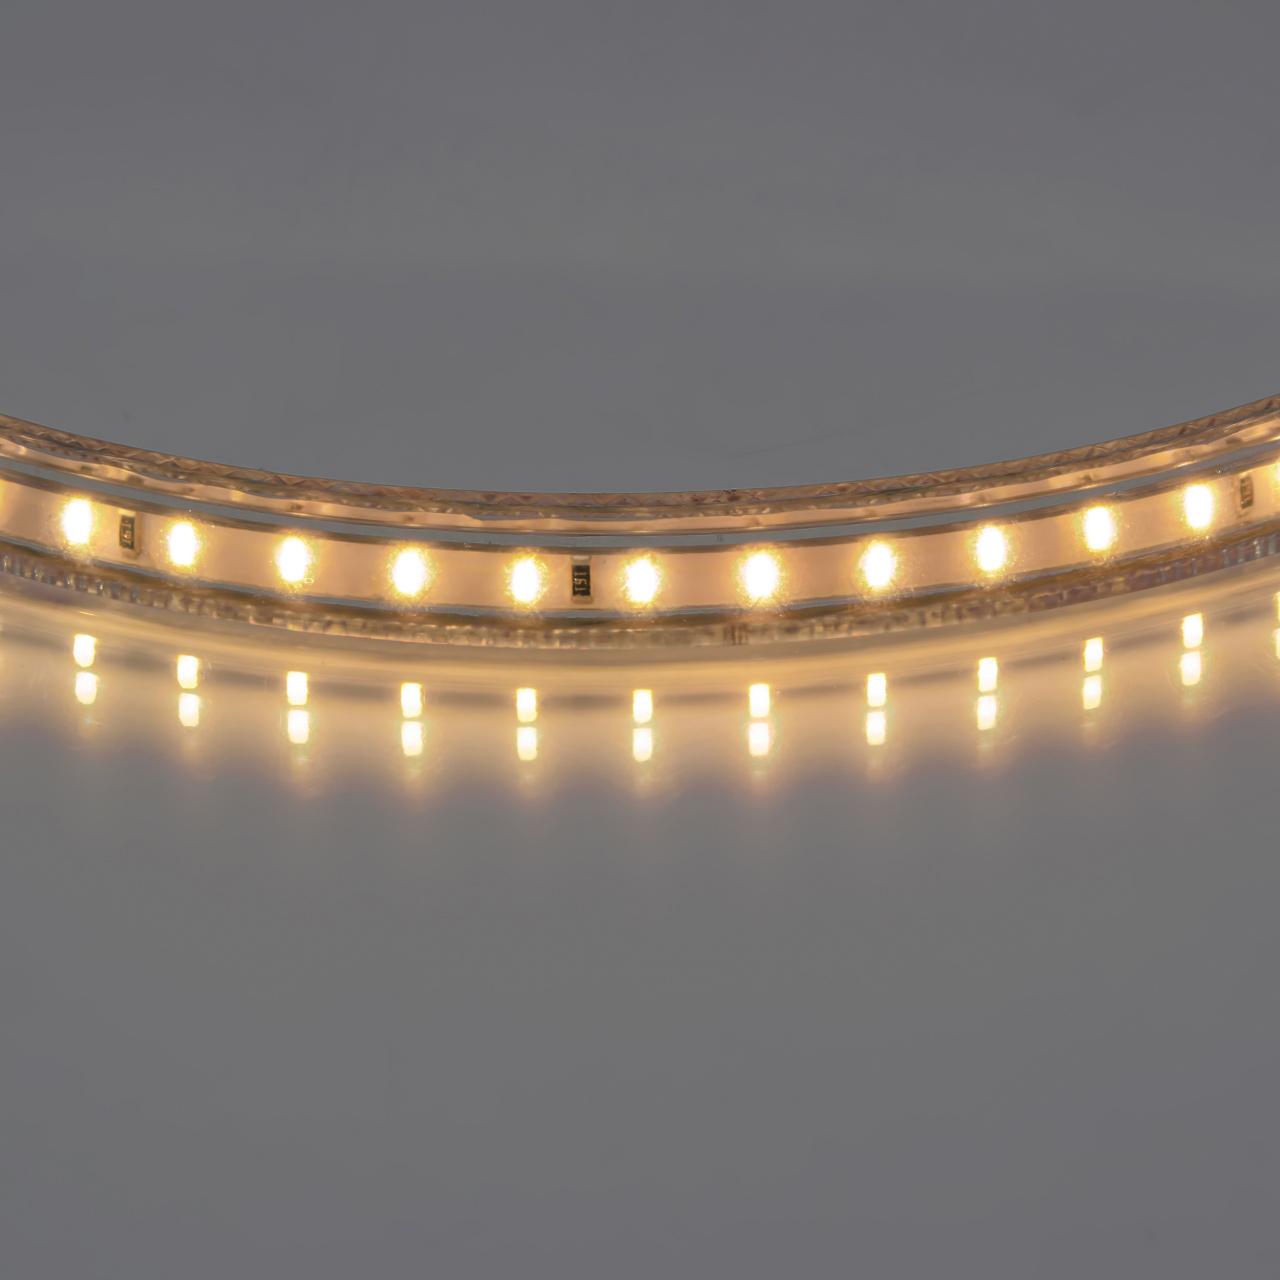 Лента 220V LED 2800-3200K теплый белый свет Lightstar 402032